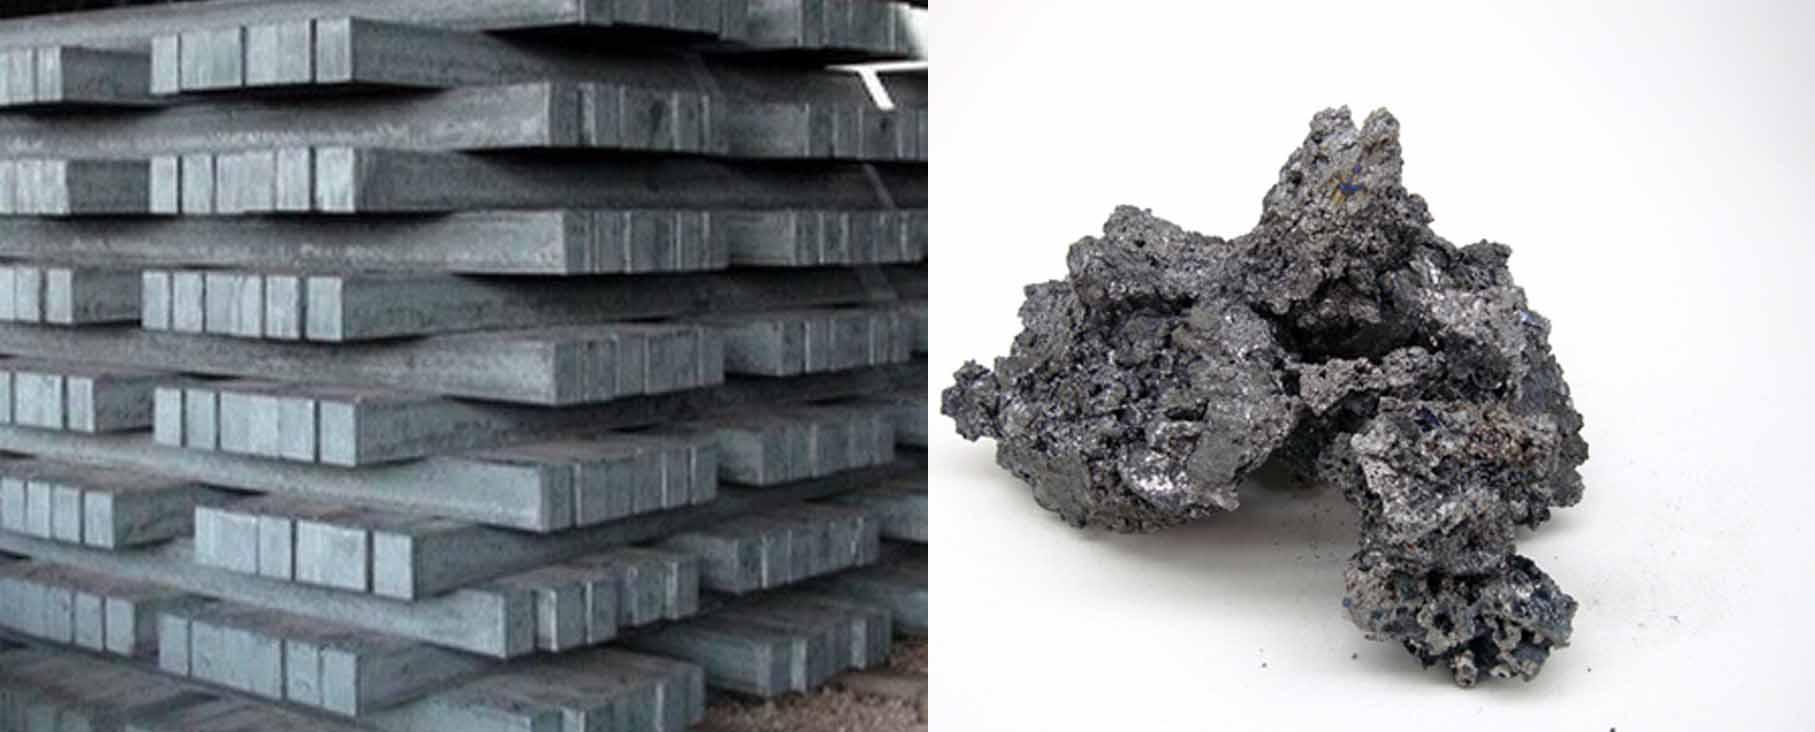 High Carbon Steel en Tamahagane voor zwaarden